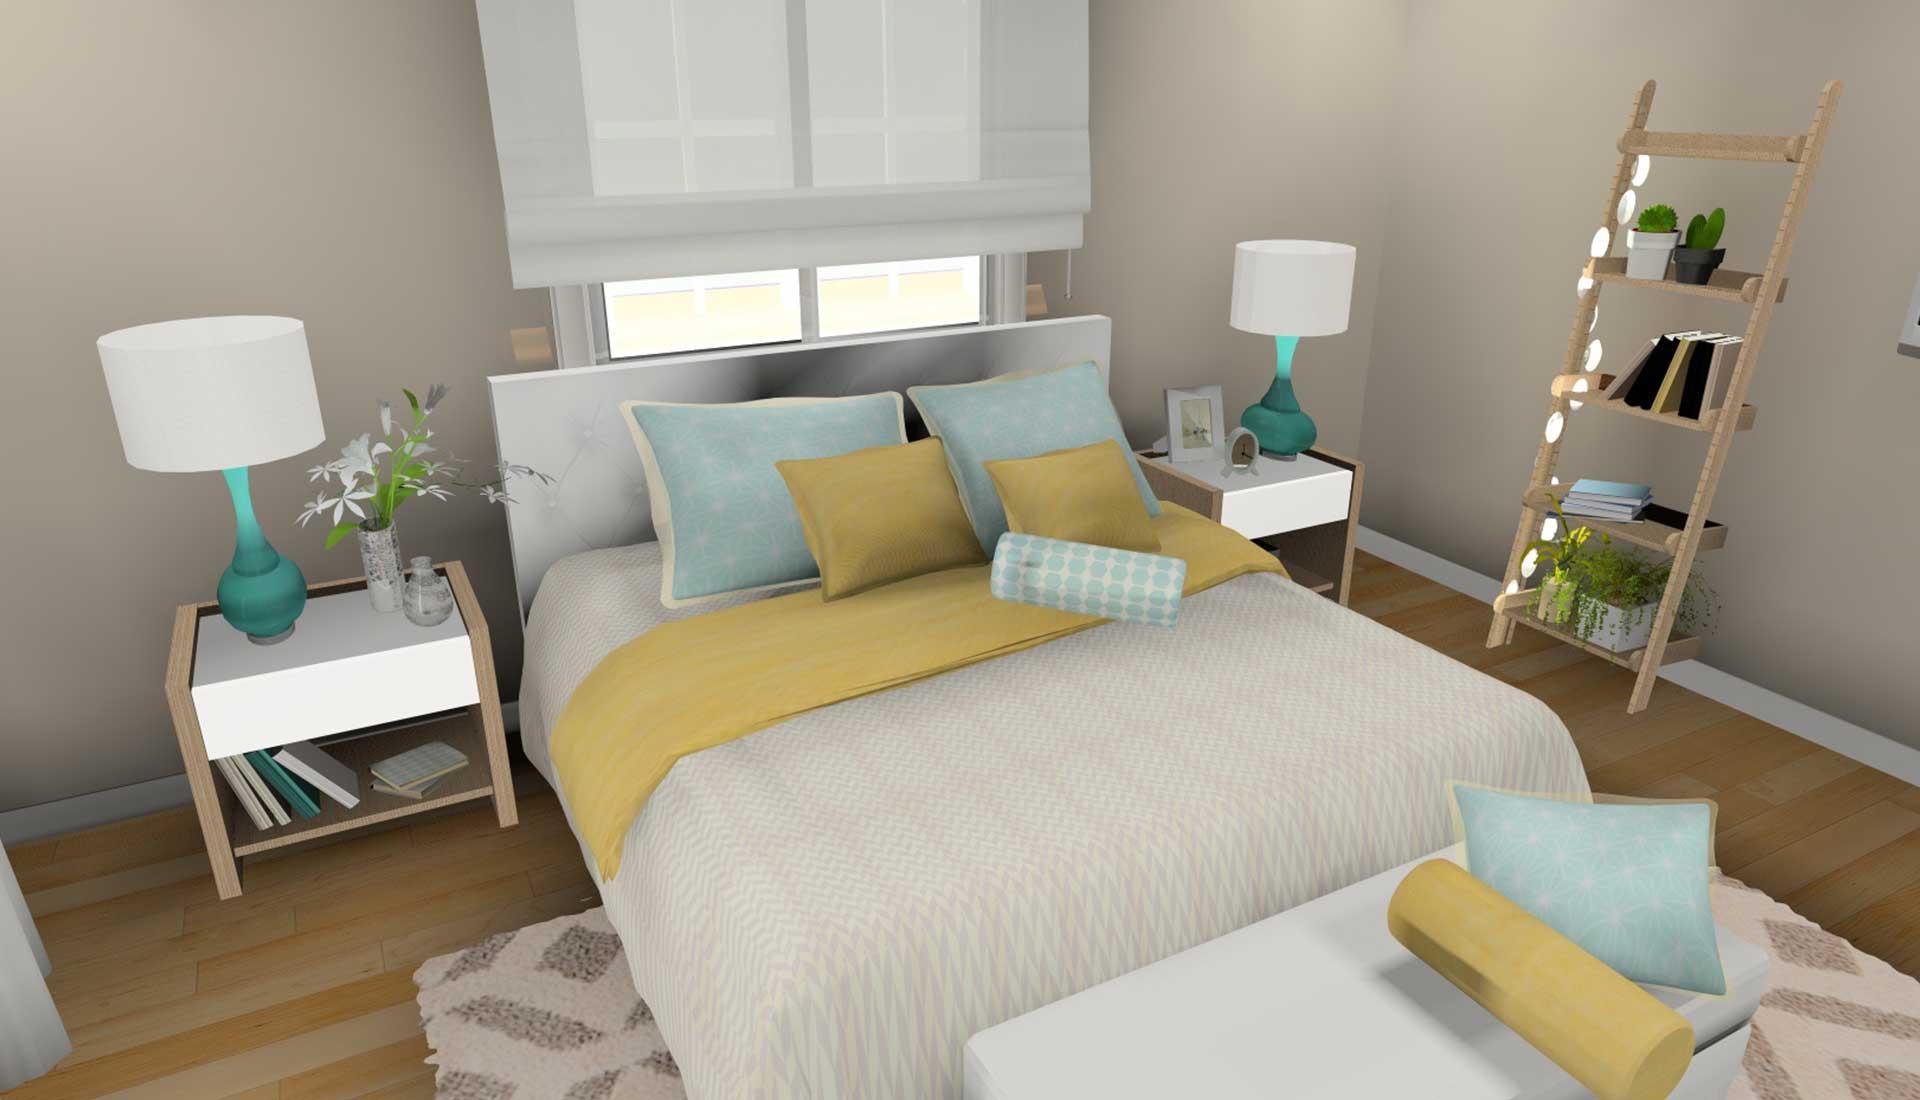 decoracion de interiores las tablas cama